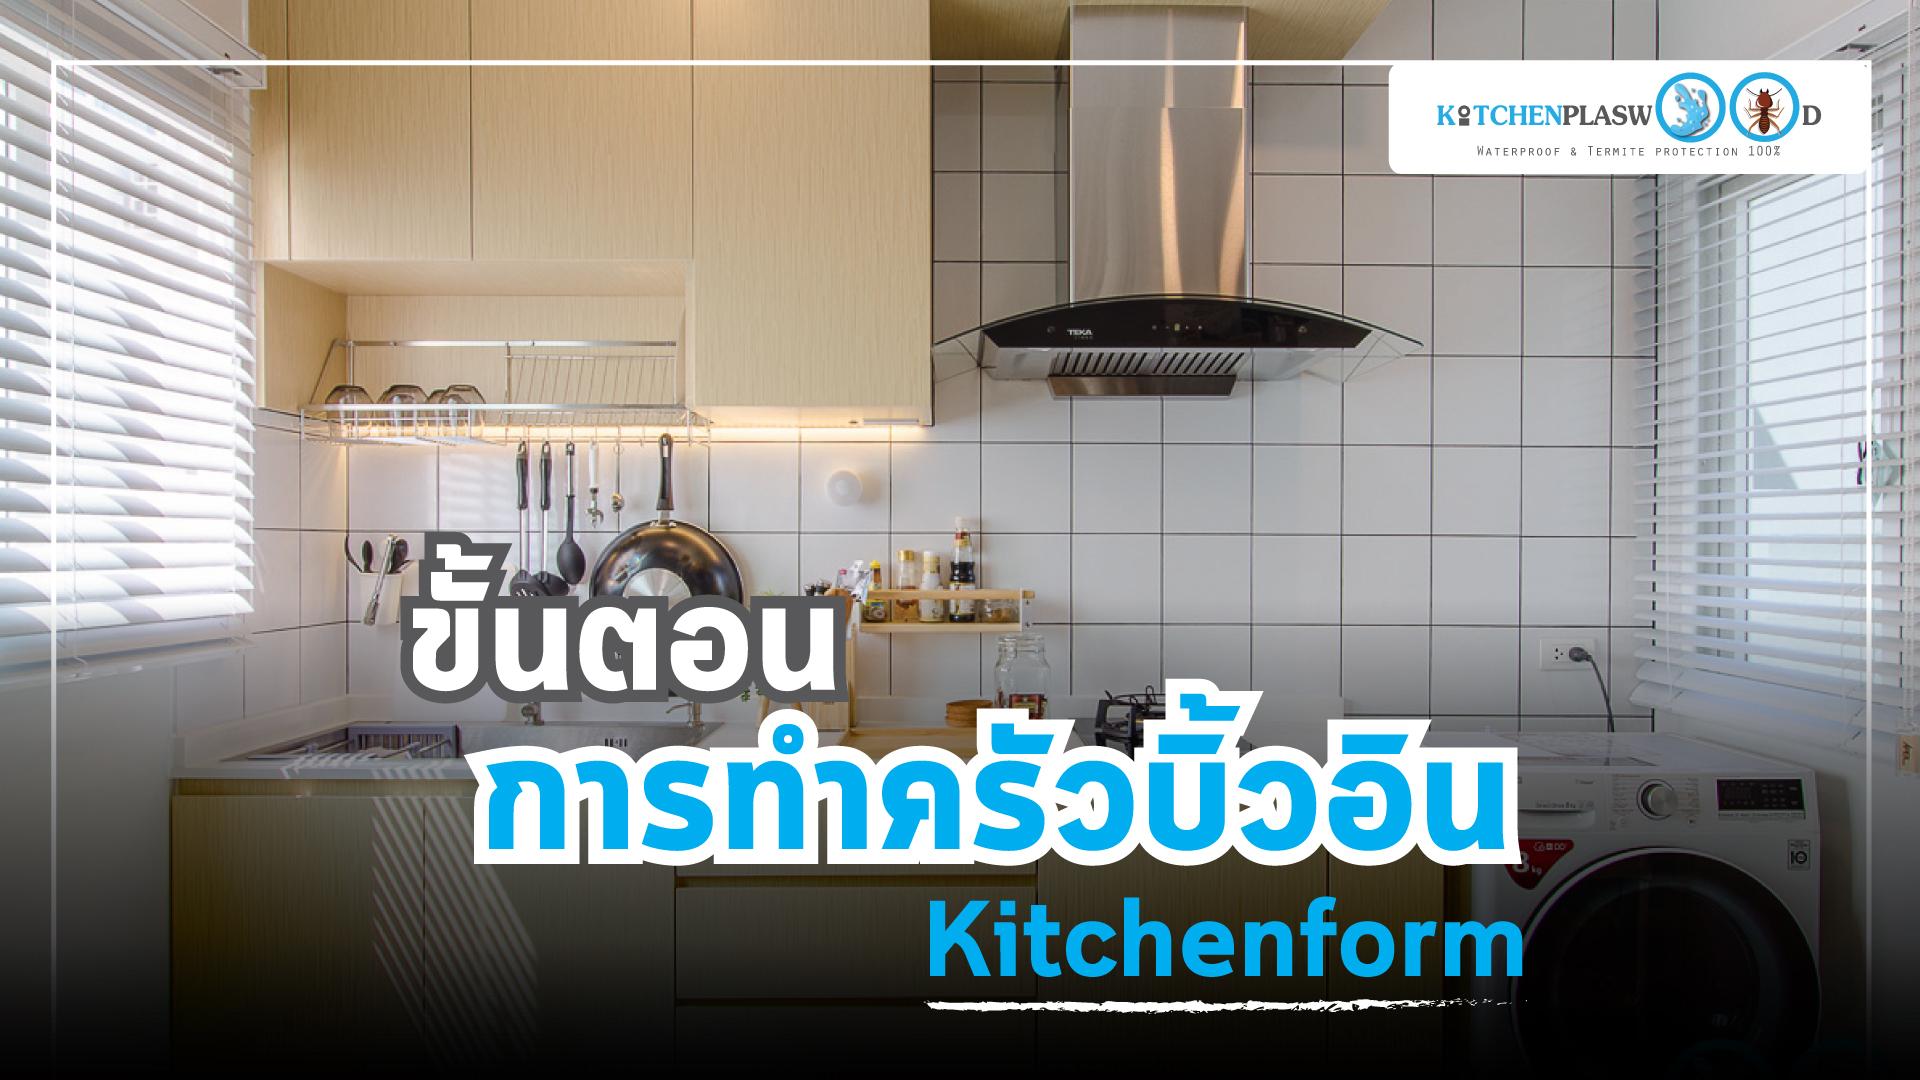 ขั้นตอนการทำครัวบิ้วอิน Kitchenform, ชุดครัวบิ้วอิน, ทำครัวบิ้วอิน, ตกแต่งครัวบิ้วอิน,